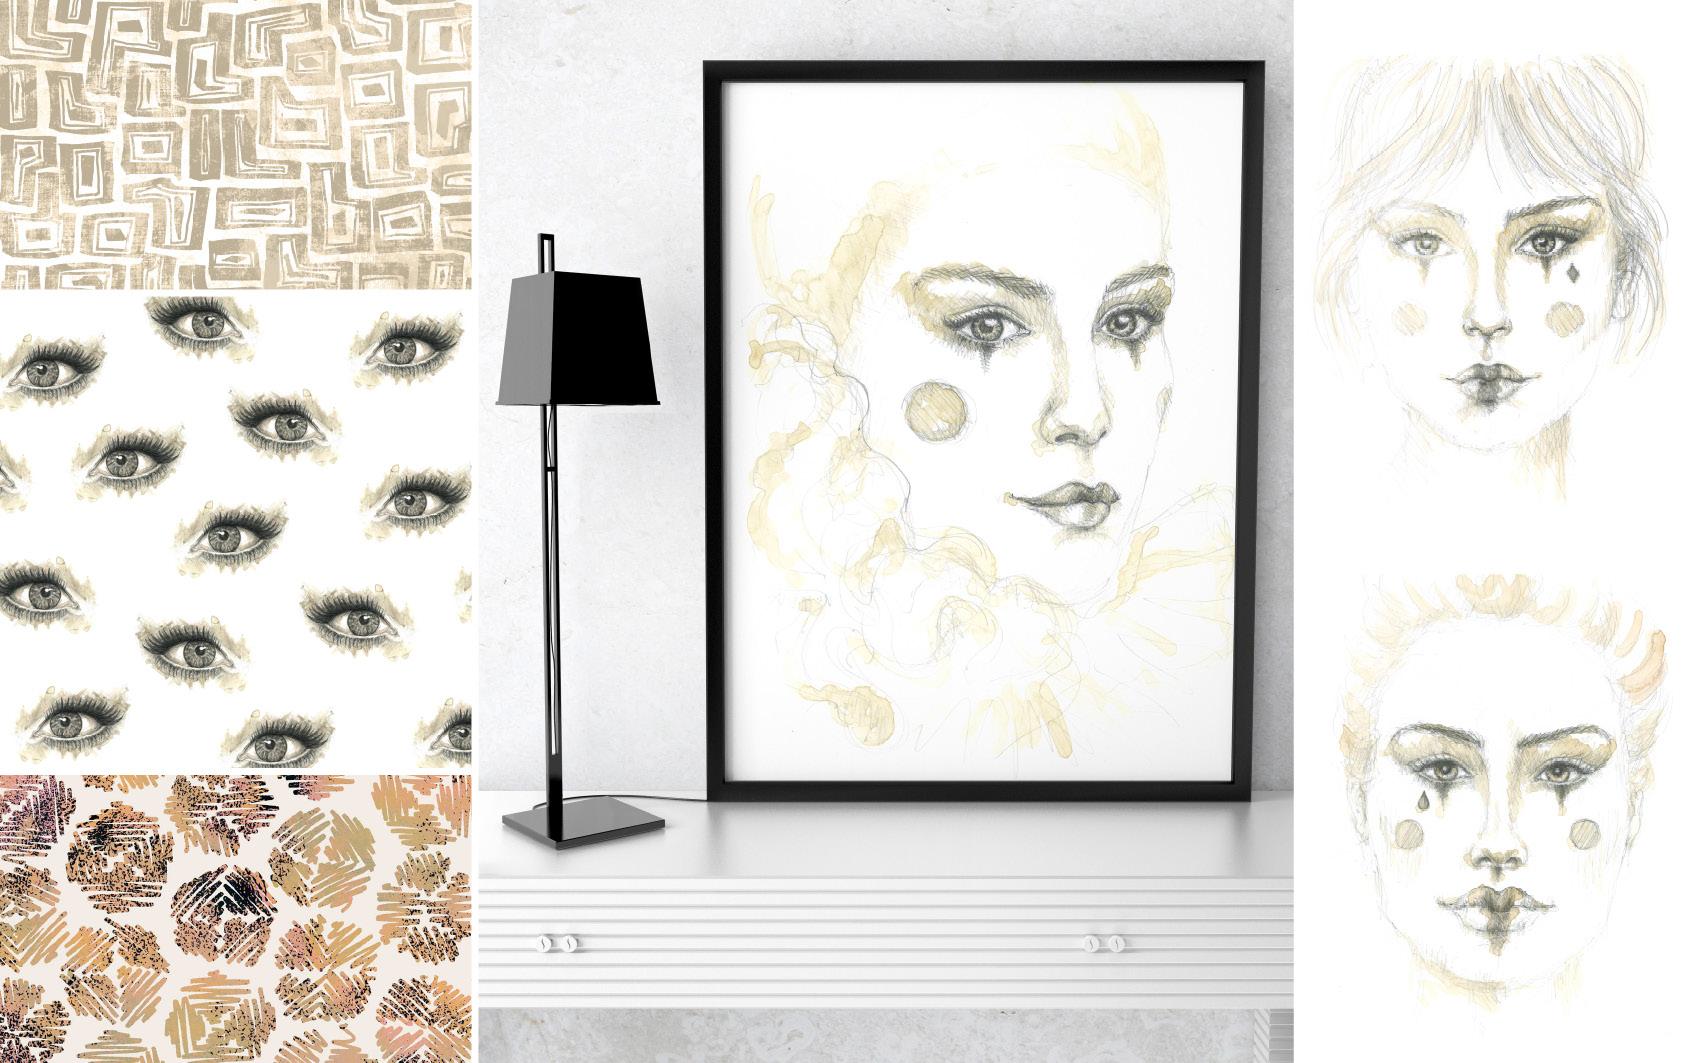 SusanneKasielke-collections-048.jpg